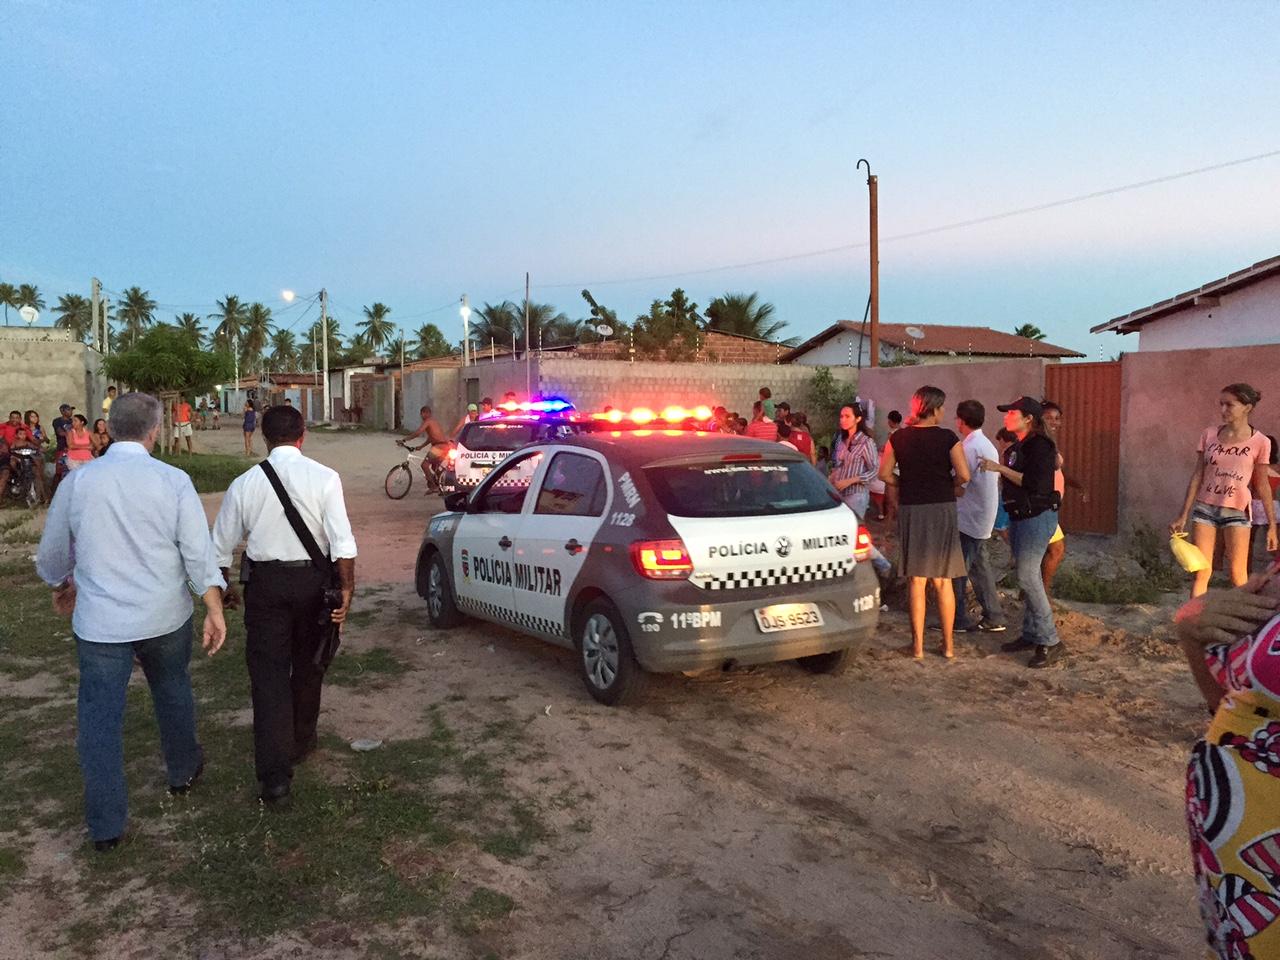 Invasores são retirados de casas em São Gonçalo do Amarante